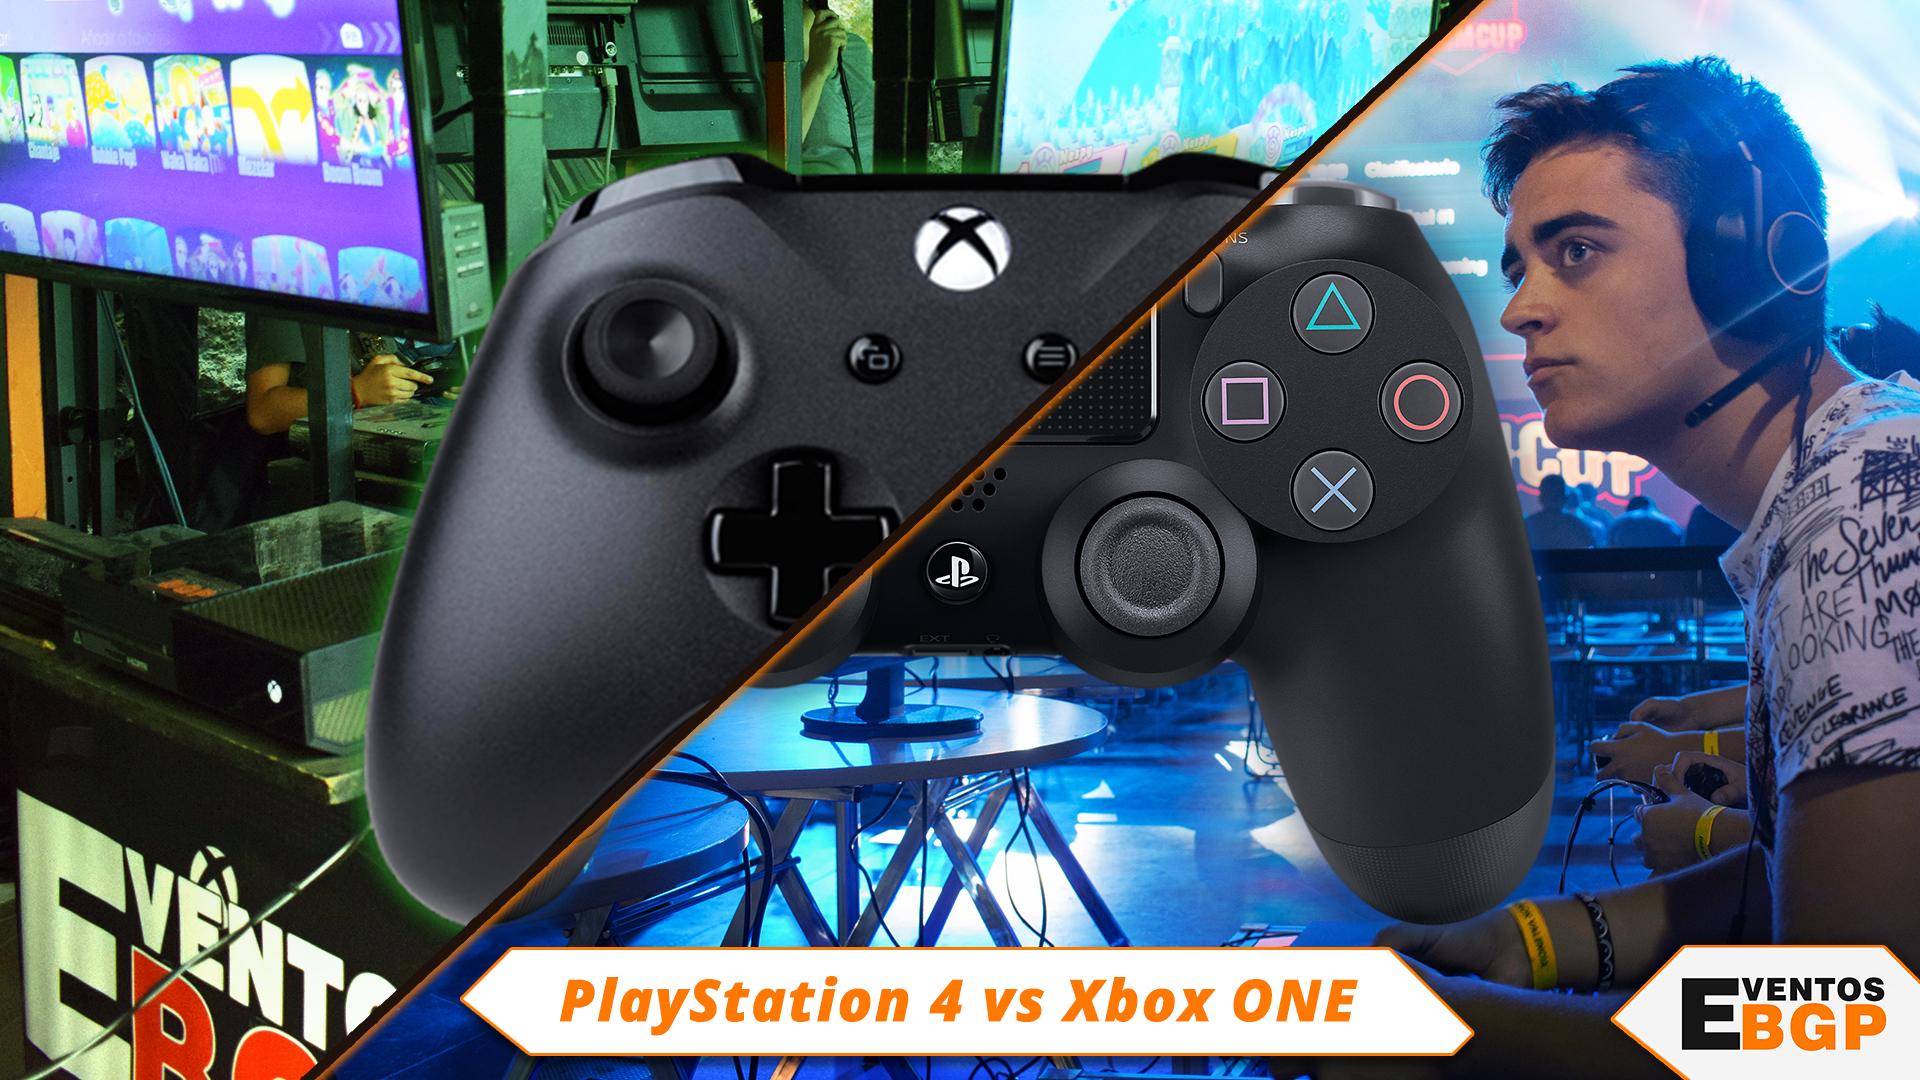 Análisis Playstation 4 vs xbox one imagen principal